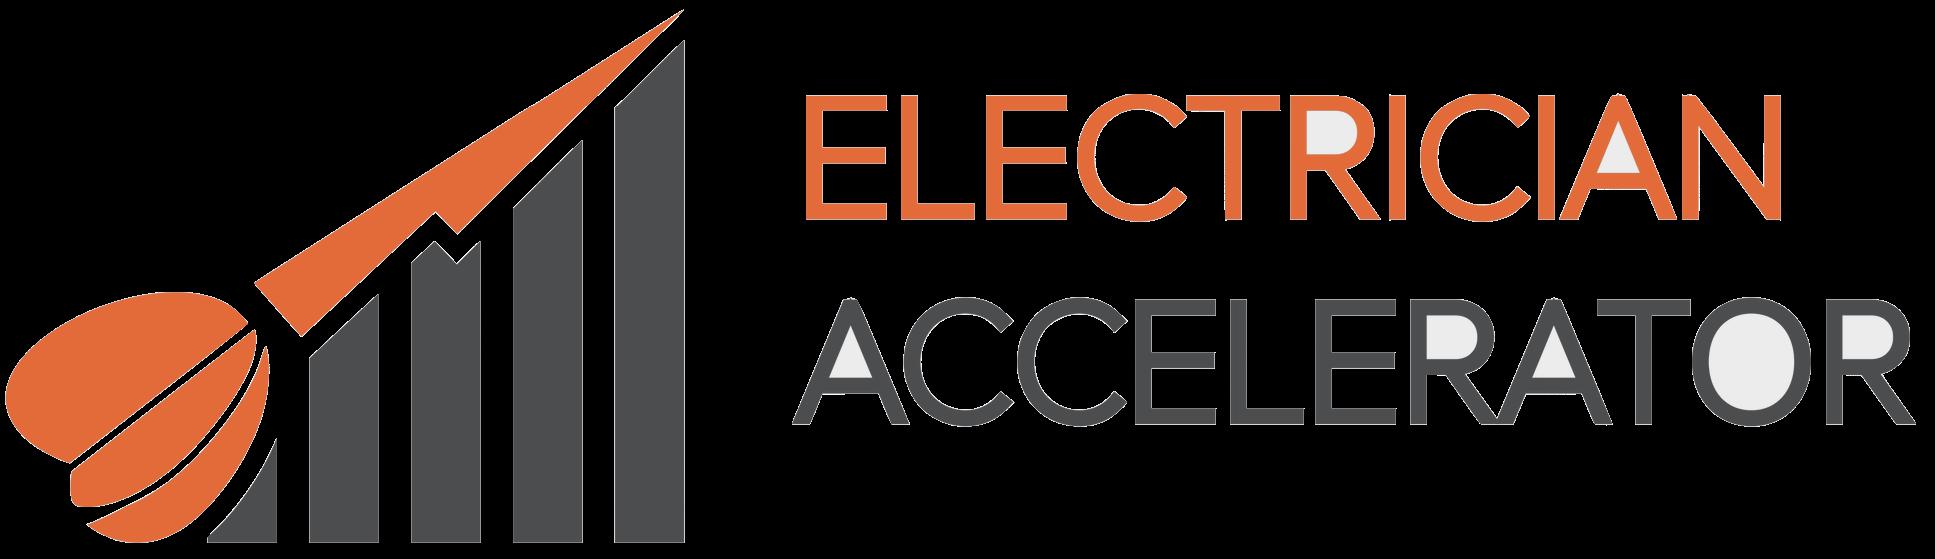 Electrician Accelerator (2)